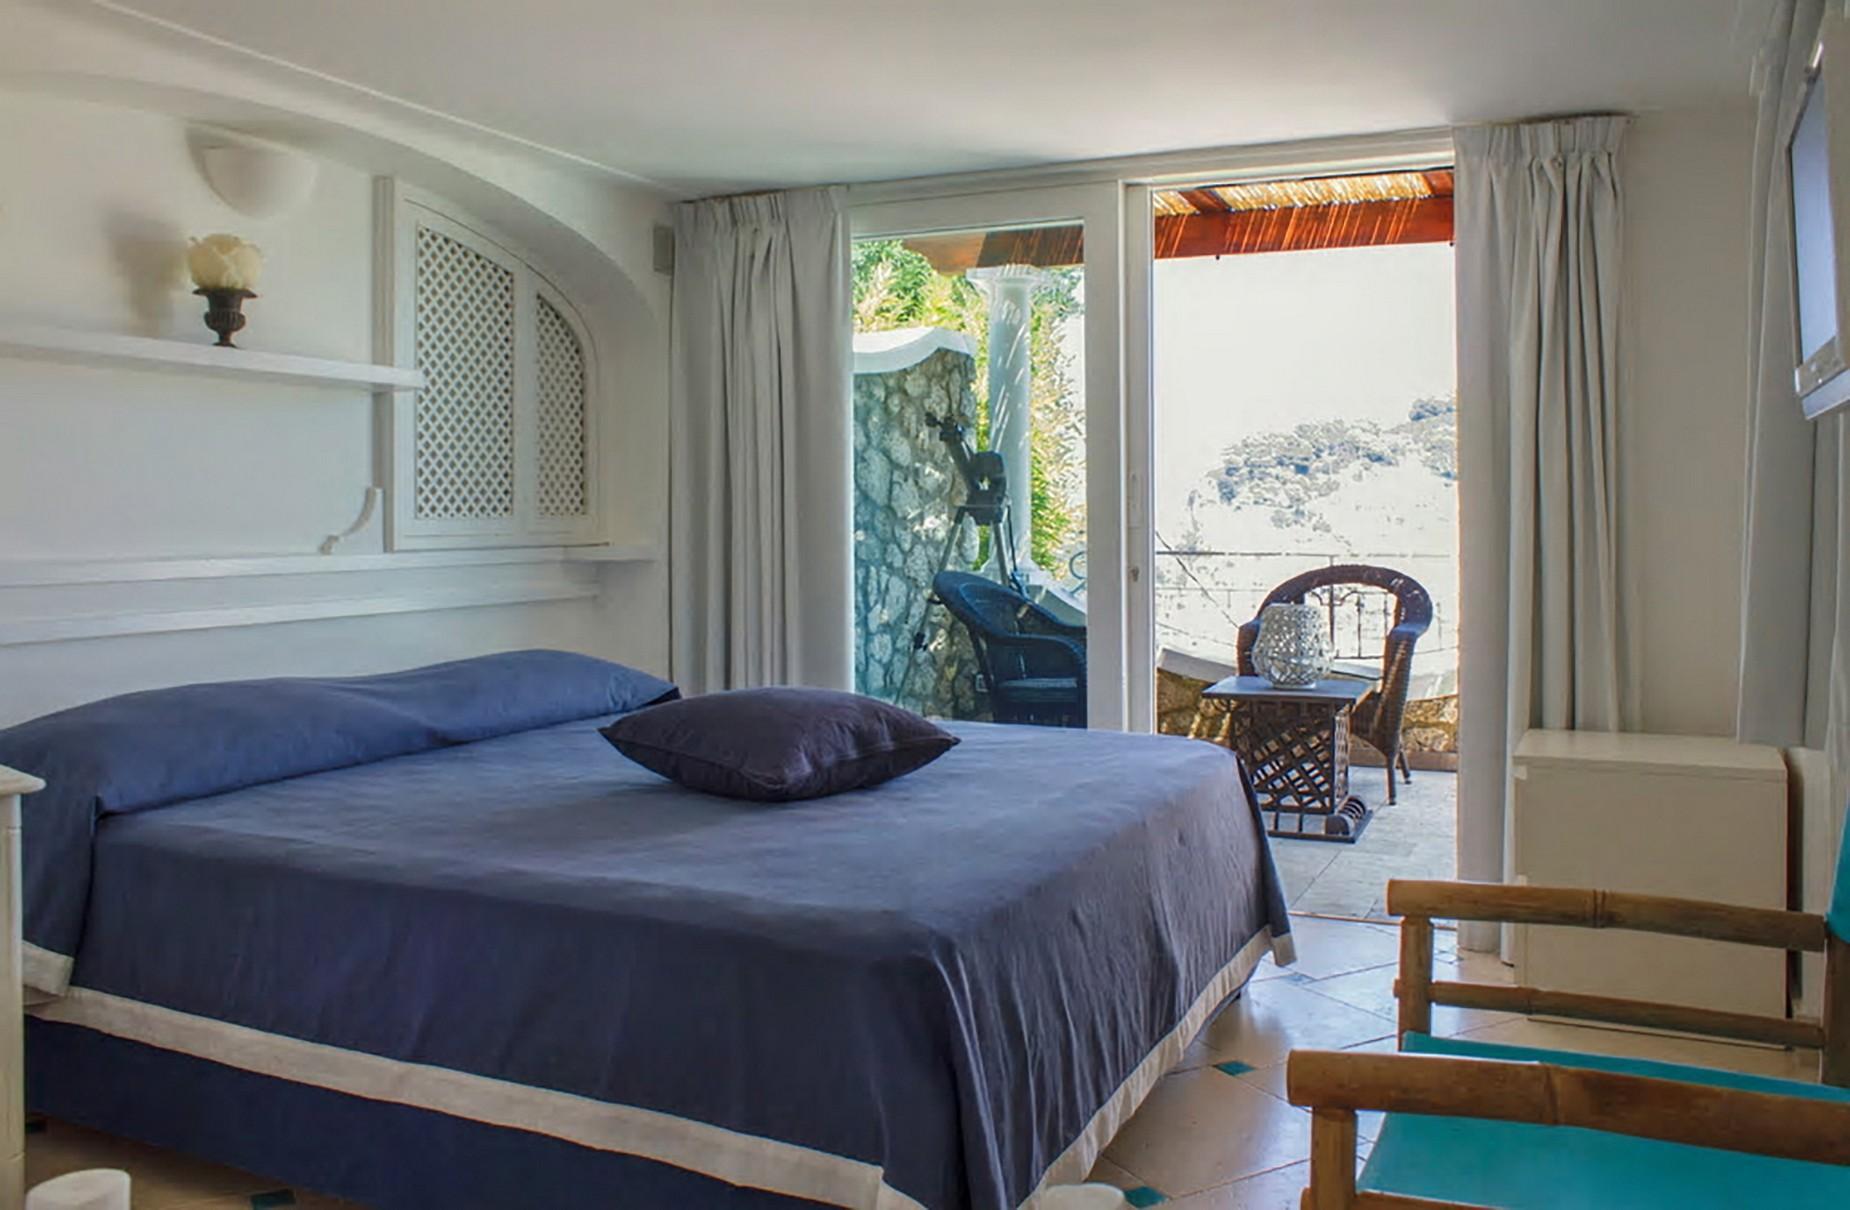 Очаровательная вилла с панорамным бассейном в центре легендарного острова Капри, Италия - 10